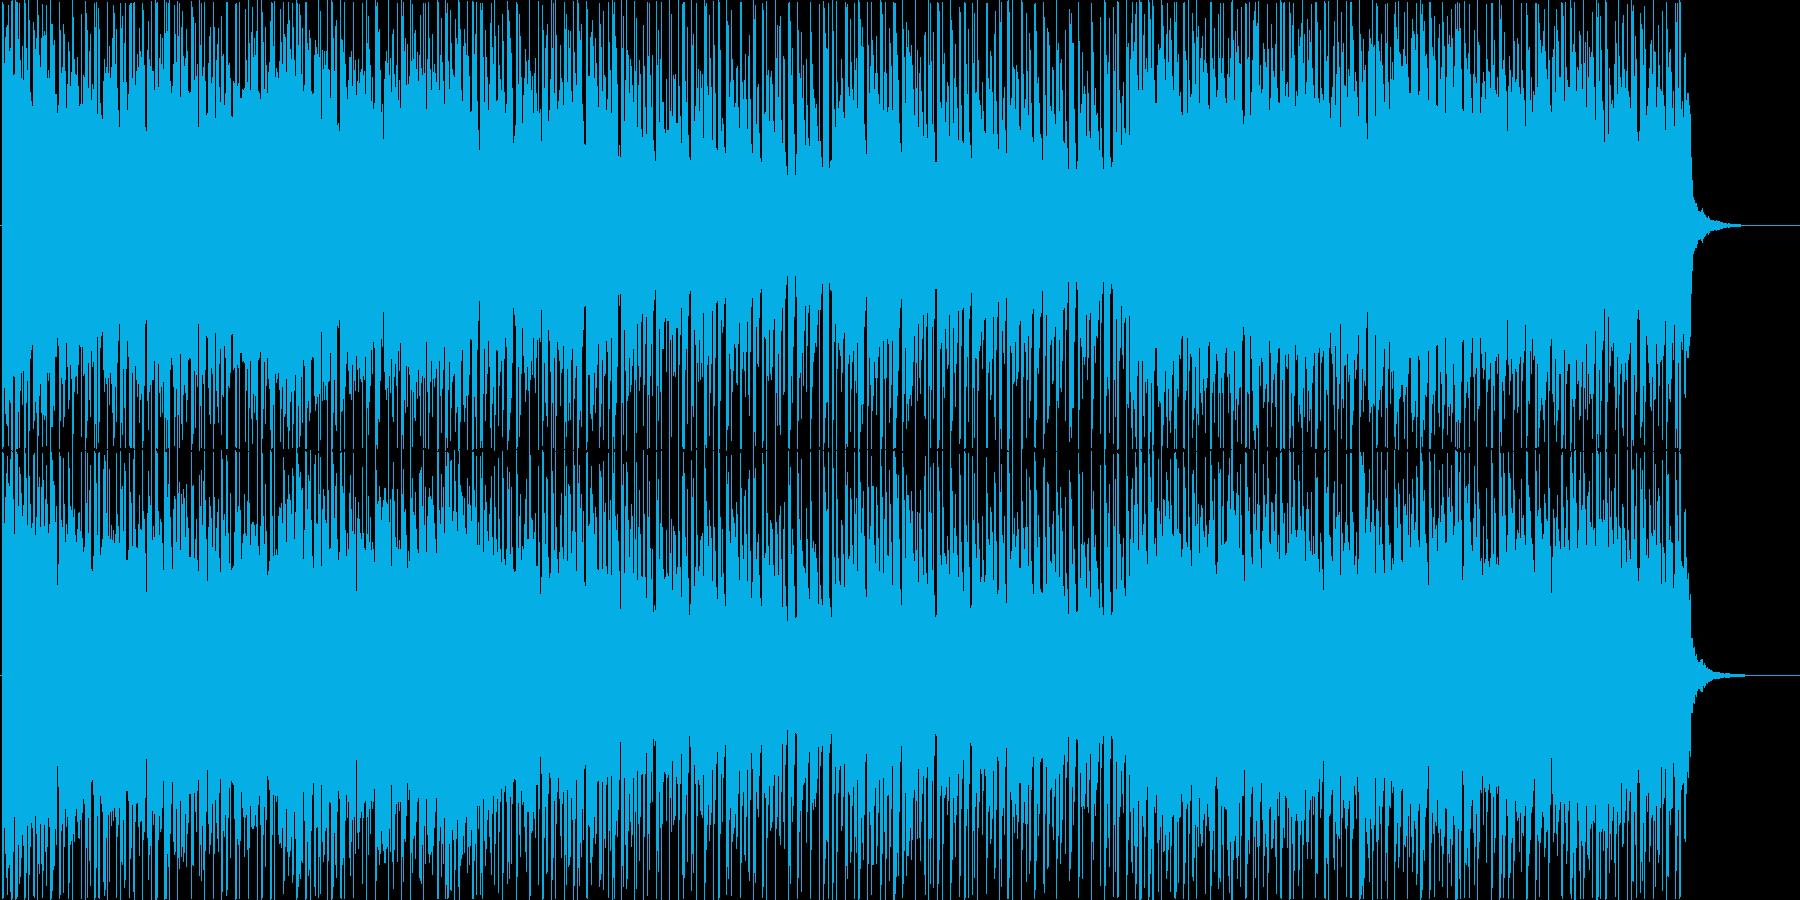 緊迫感のあるストリングス/ビートの再生済みの波形